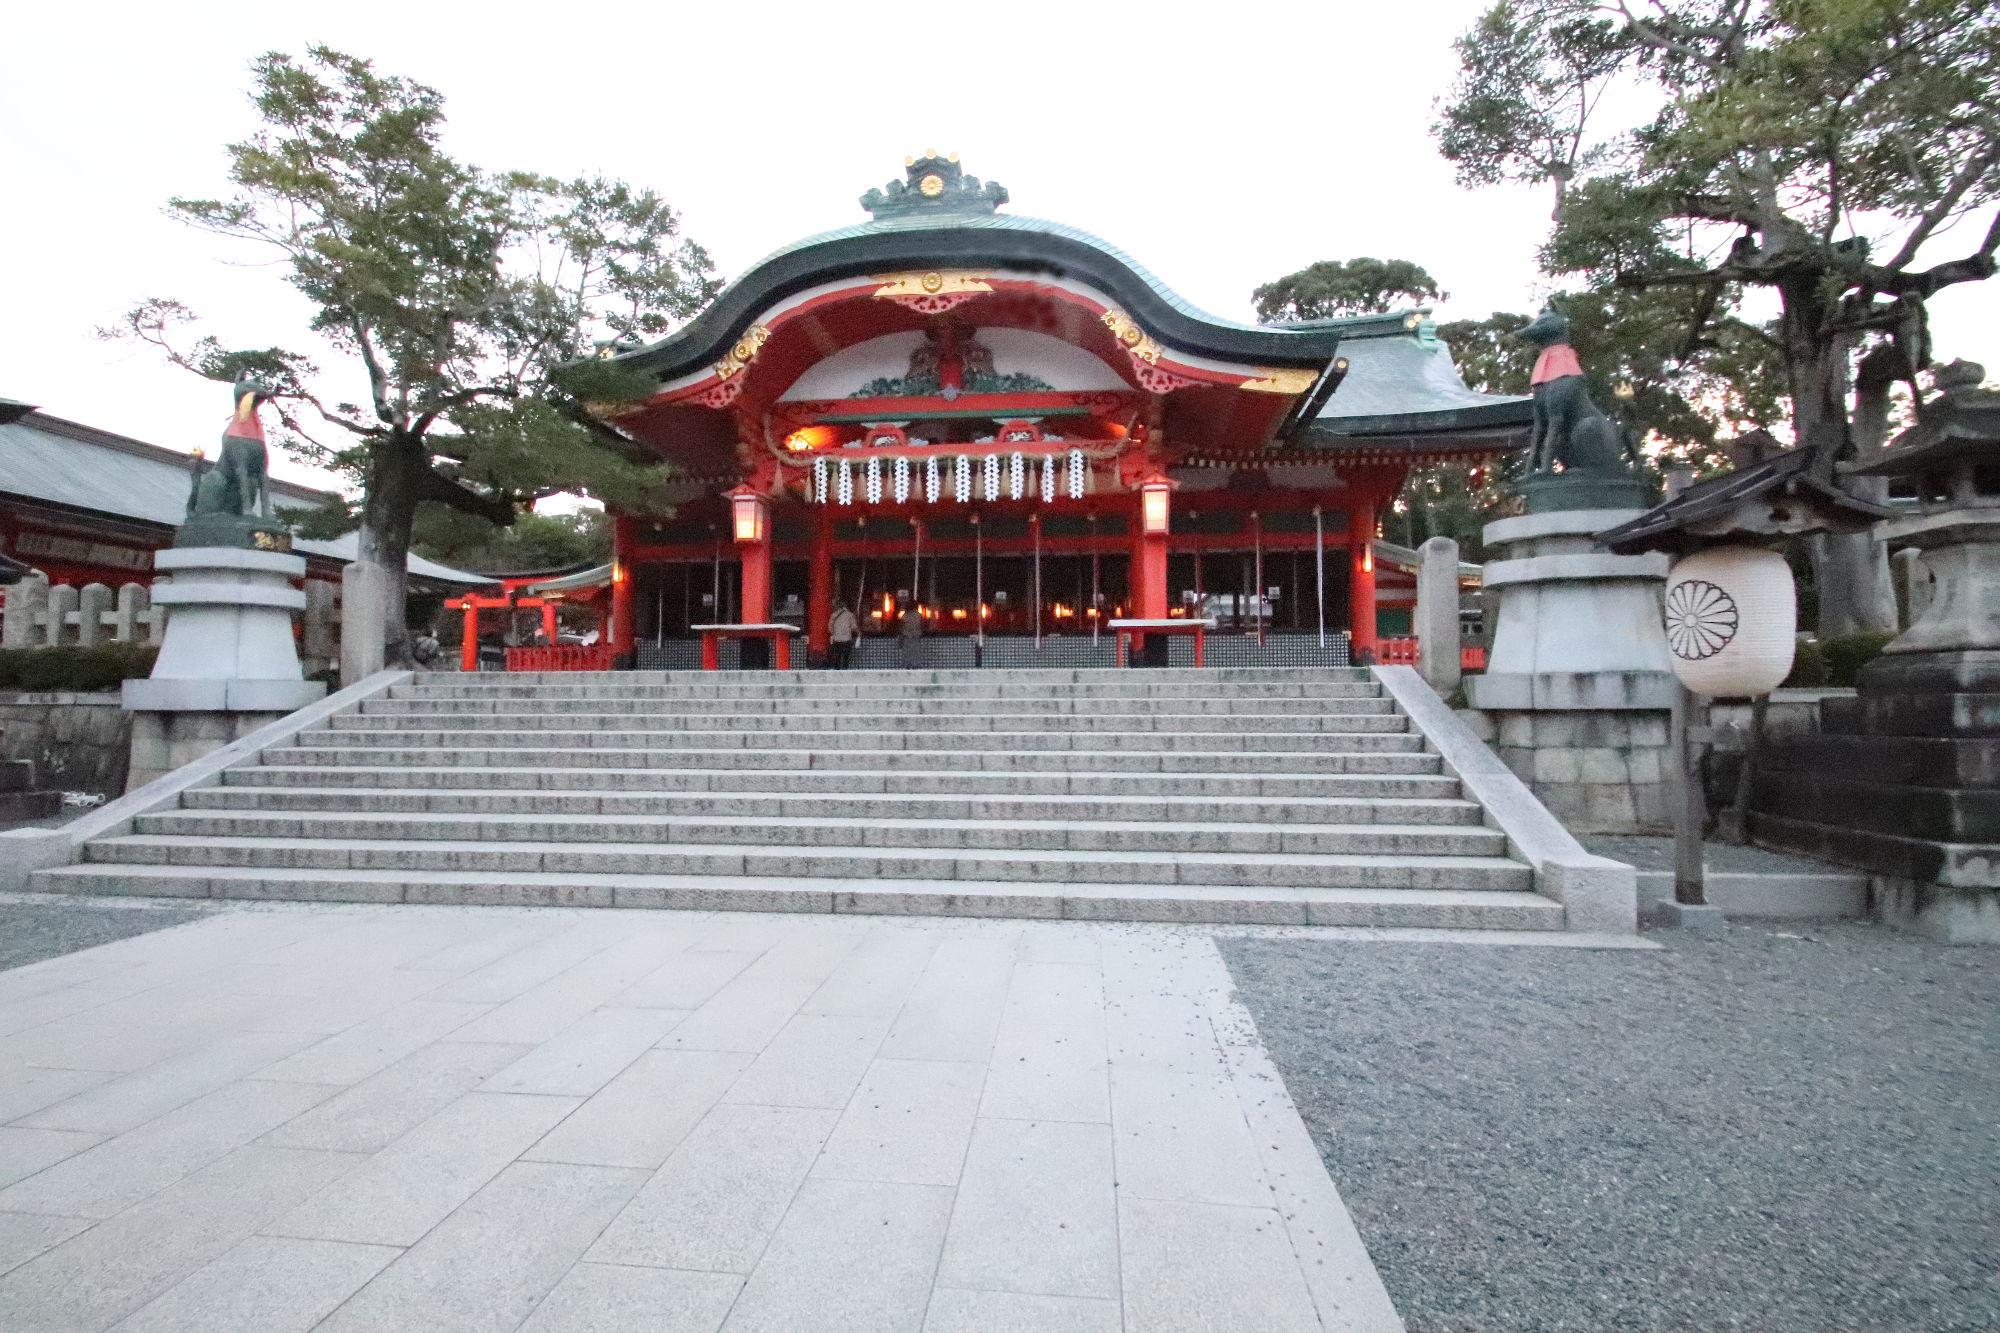 伏見稲荷神社の夜明けの内拝殿